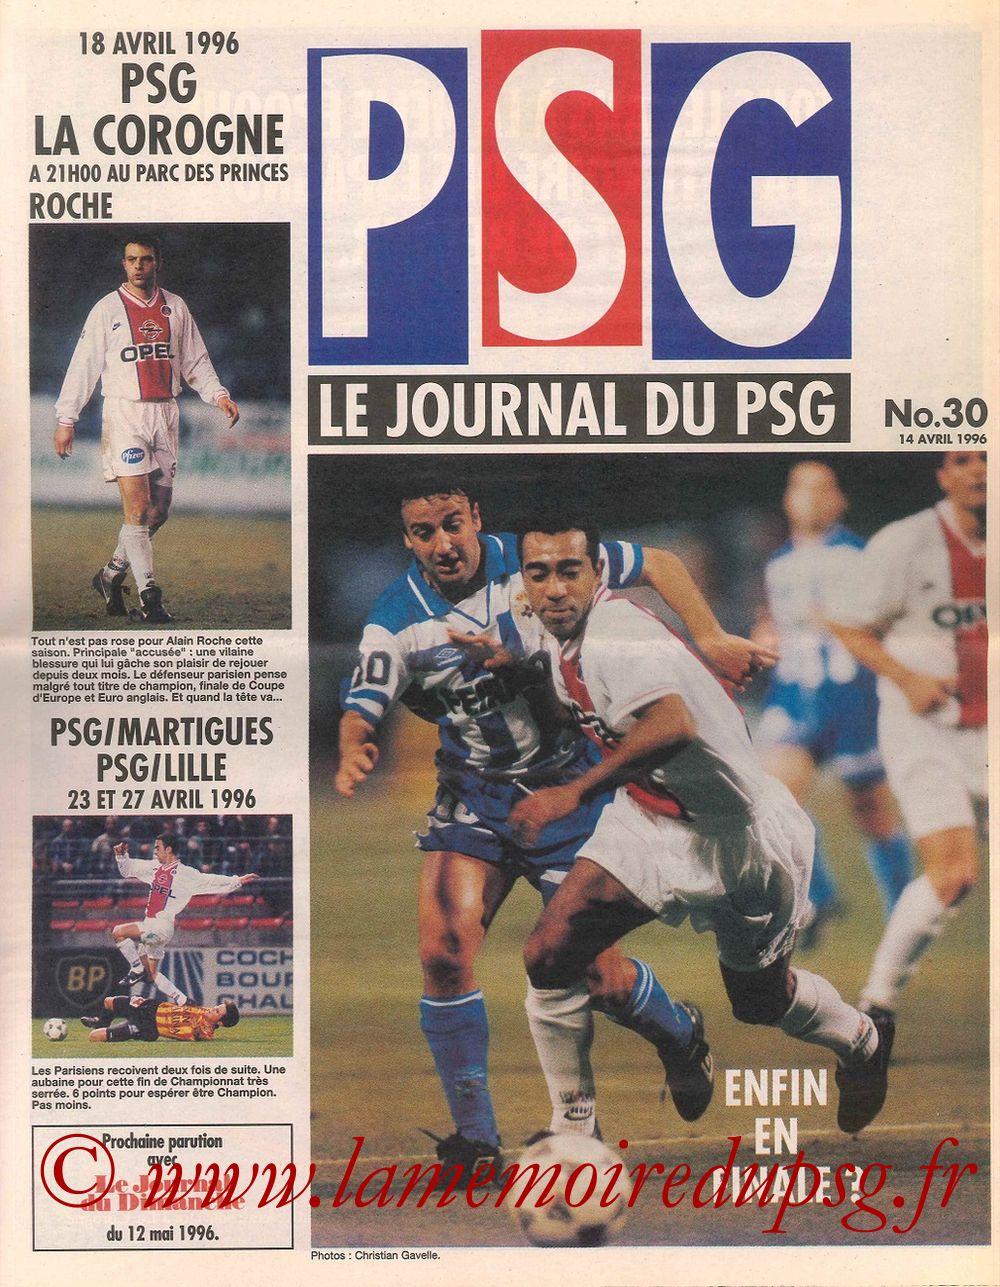 1996-04-18  PSG-La Corogne (Demi Finale Retour C2, Le Journal du PSG N°30)